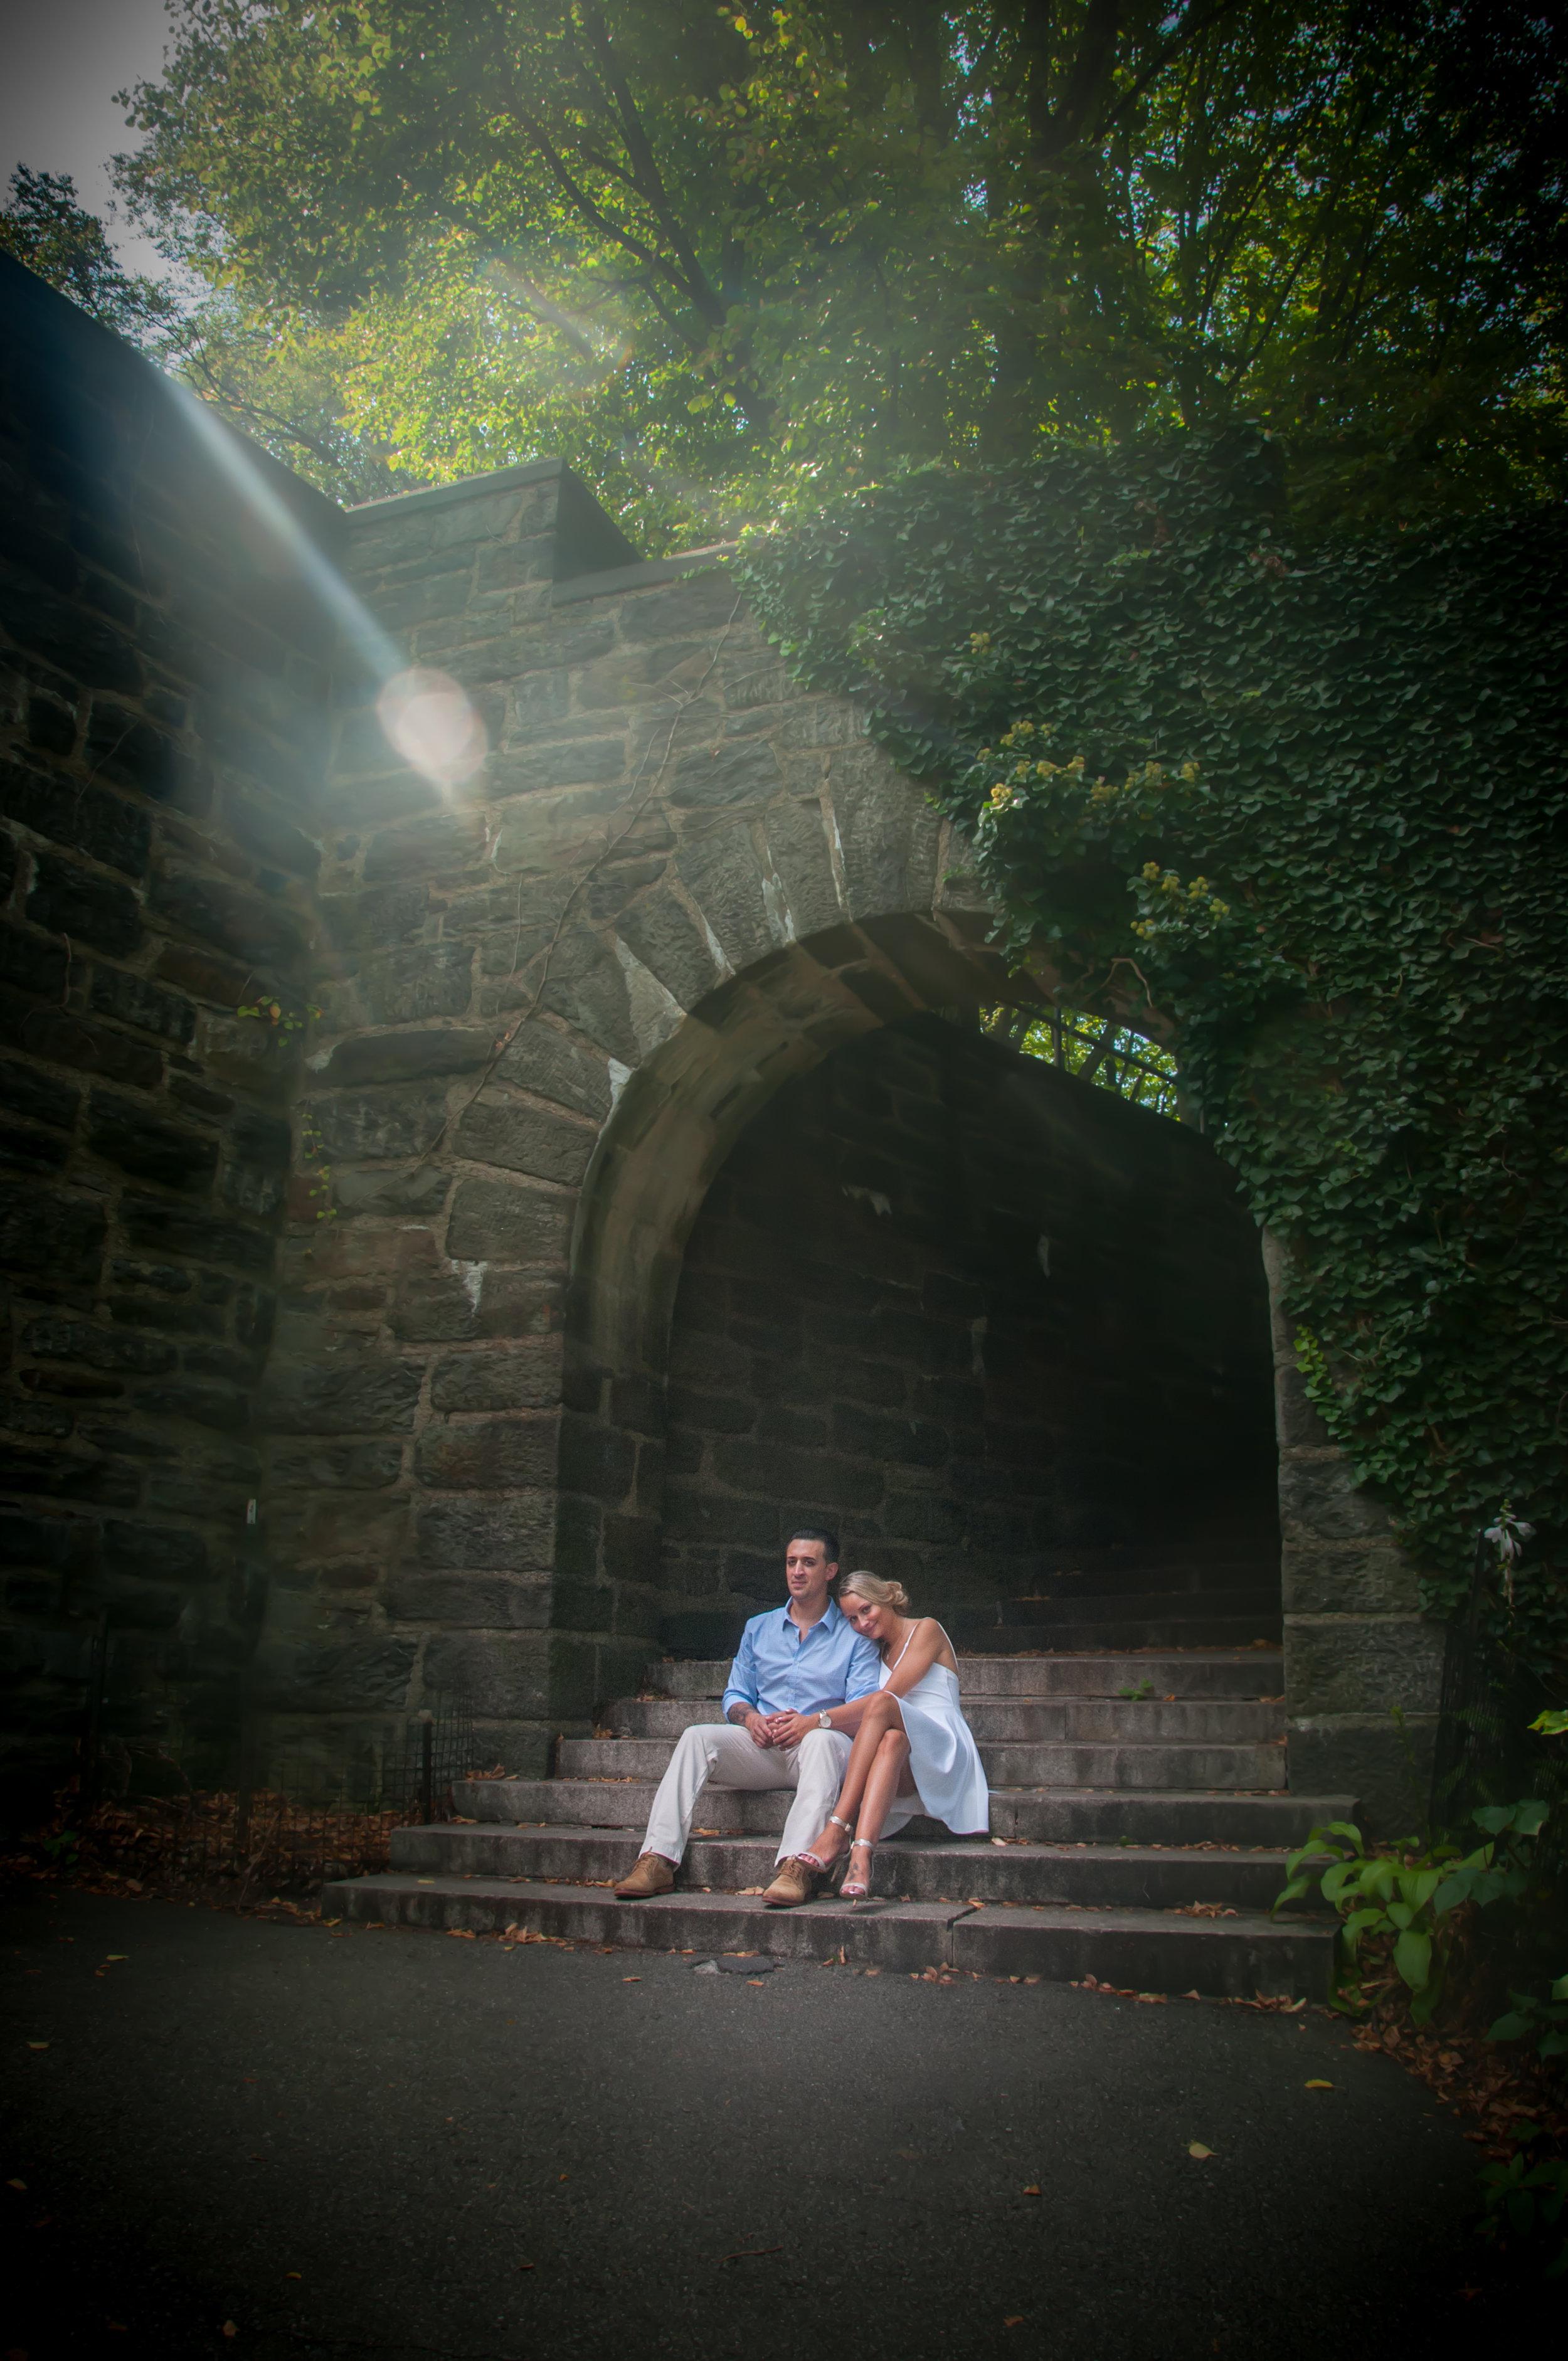 CArrieWestonStudios_NY_Portrait_Wedding_Photography_Northport_JoeandSarah-8.jpg